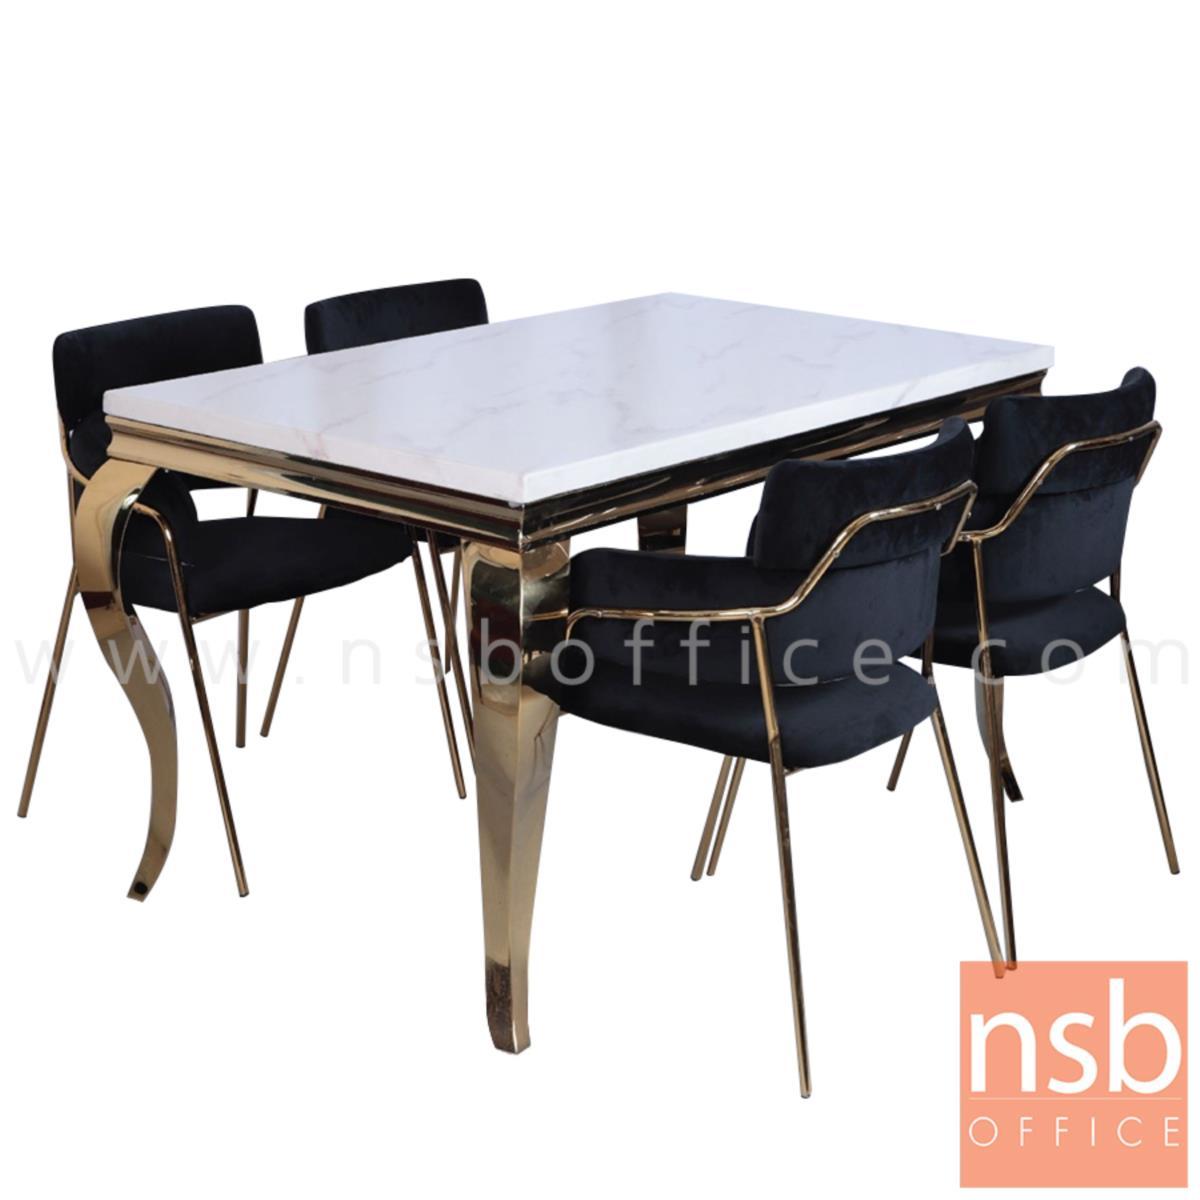 G14A224:ชุดโต๊ะรับประทานอาหารหน้าหินอ่อน 4 ที่นั่ง รุ่น Hayward (เฮย์เวิร์ด) พร้อมเก้าอี้เบาะหุ้มผ้า ขาเหล็ก